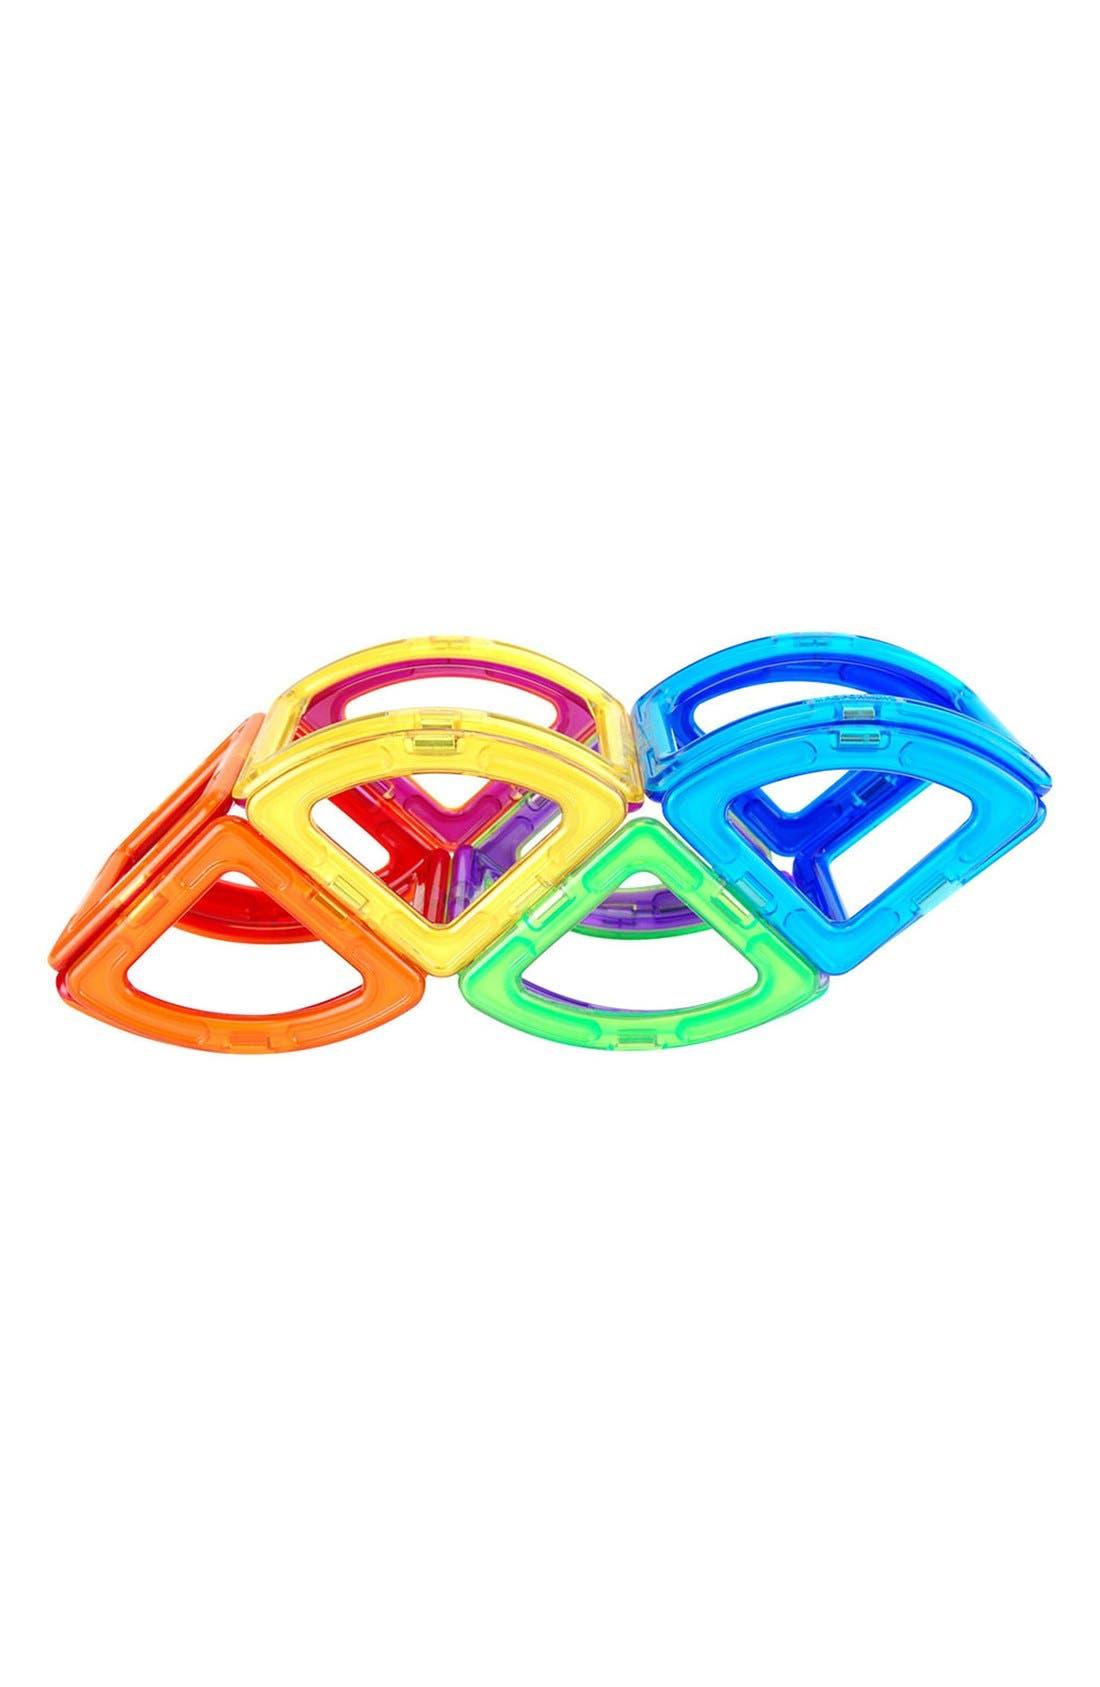 'Creator - Unique' Magnetic 3D Construction Set,                             Alternate thumbnail 2, color,                             400